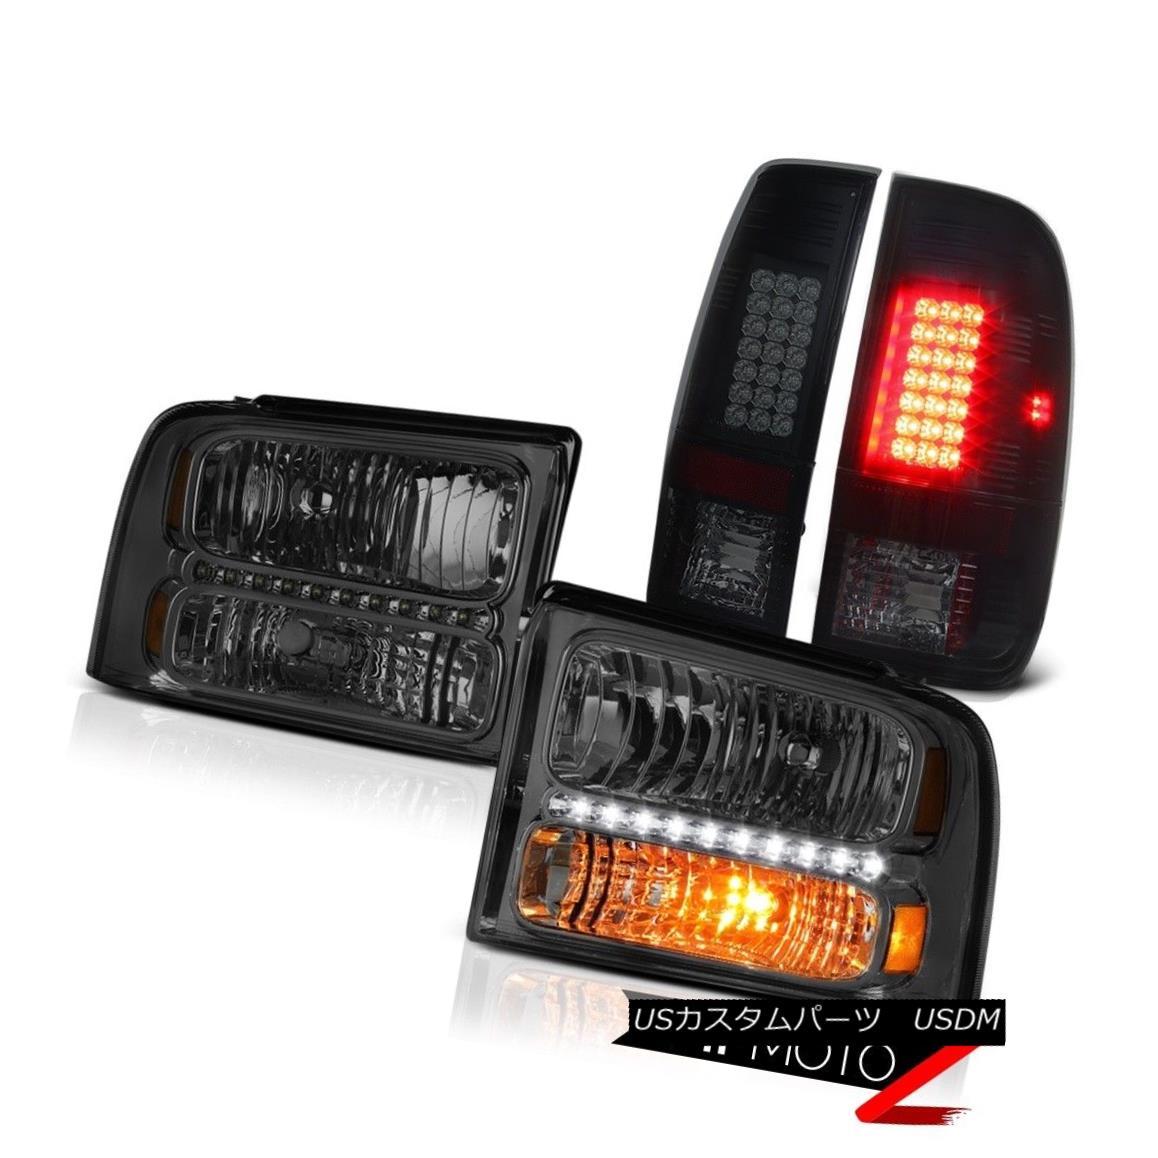 テールライト Crystal Smoke Headlights LED Tail Lights Lamps 2005 2006 2007 Ford F250 Outlaw クリスタルスモークヘッドライトLEDテールライトランプ2005 2006 2007 Ford F250 Outlaw